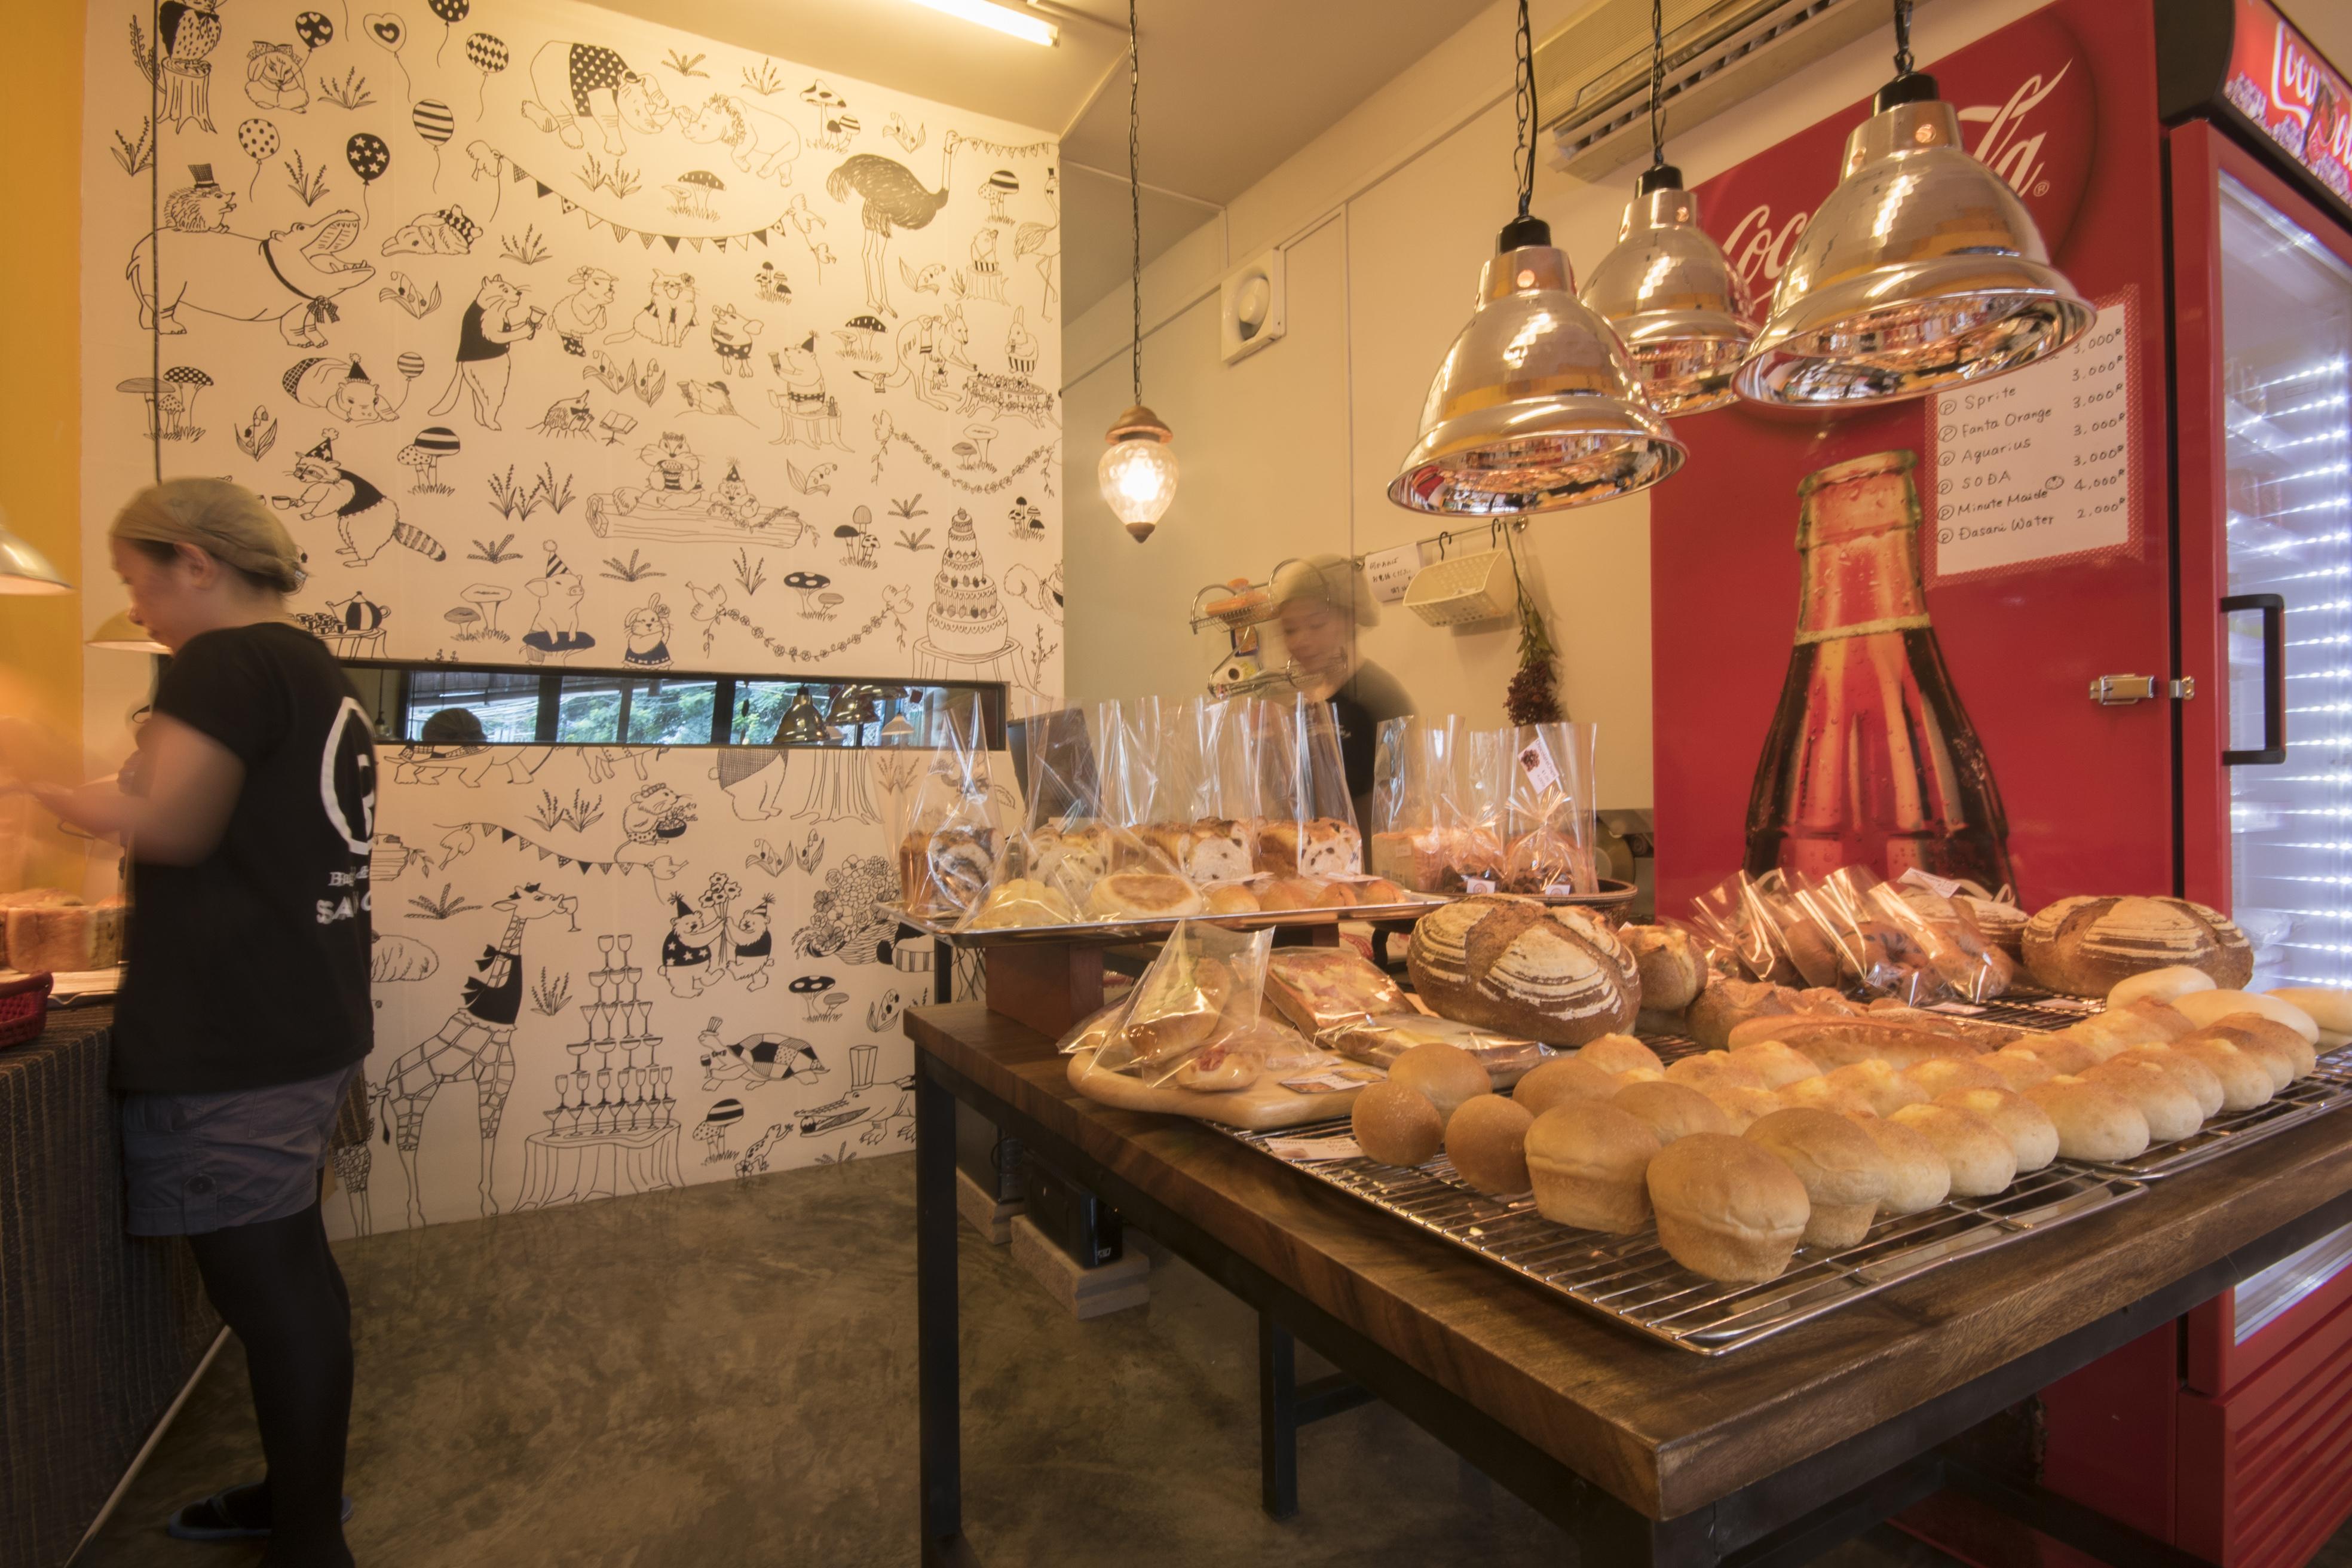 午前中の営業はじめました。Bagel & Bakery SANCHA opens from 7am to noon.